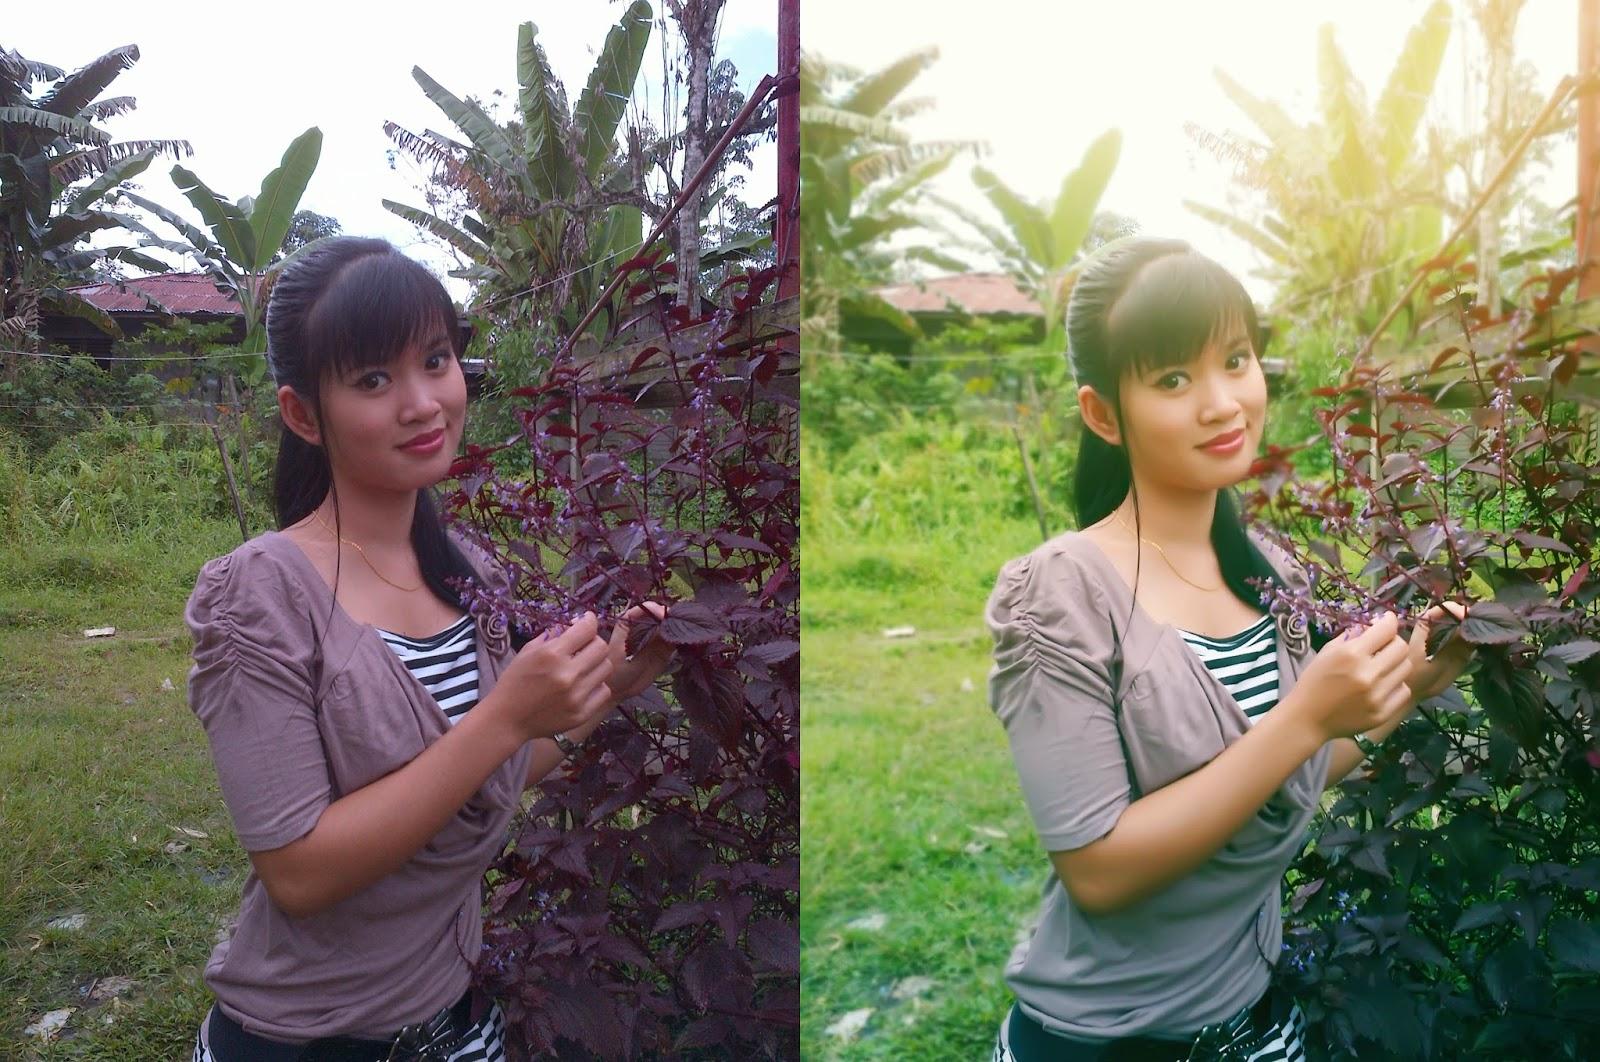 Memperindah Foto Menggunakan Photoshop CC | fiLCom STUDIO™